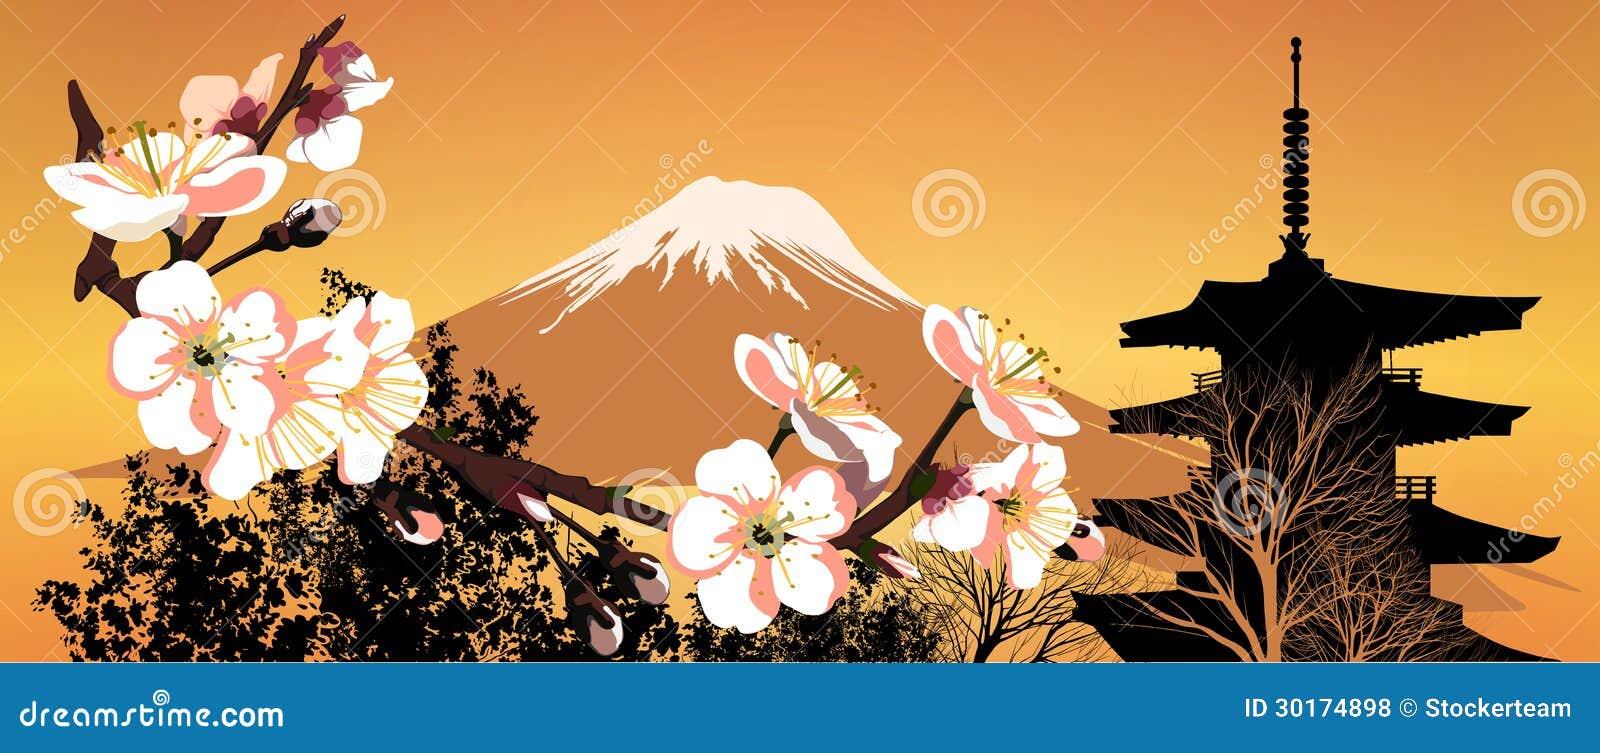 Montagne del giapponese di sakura della cartolina for Prezzi case giapponesi